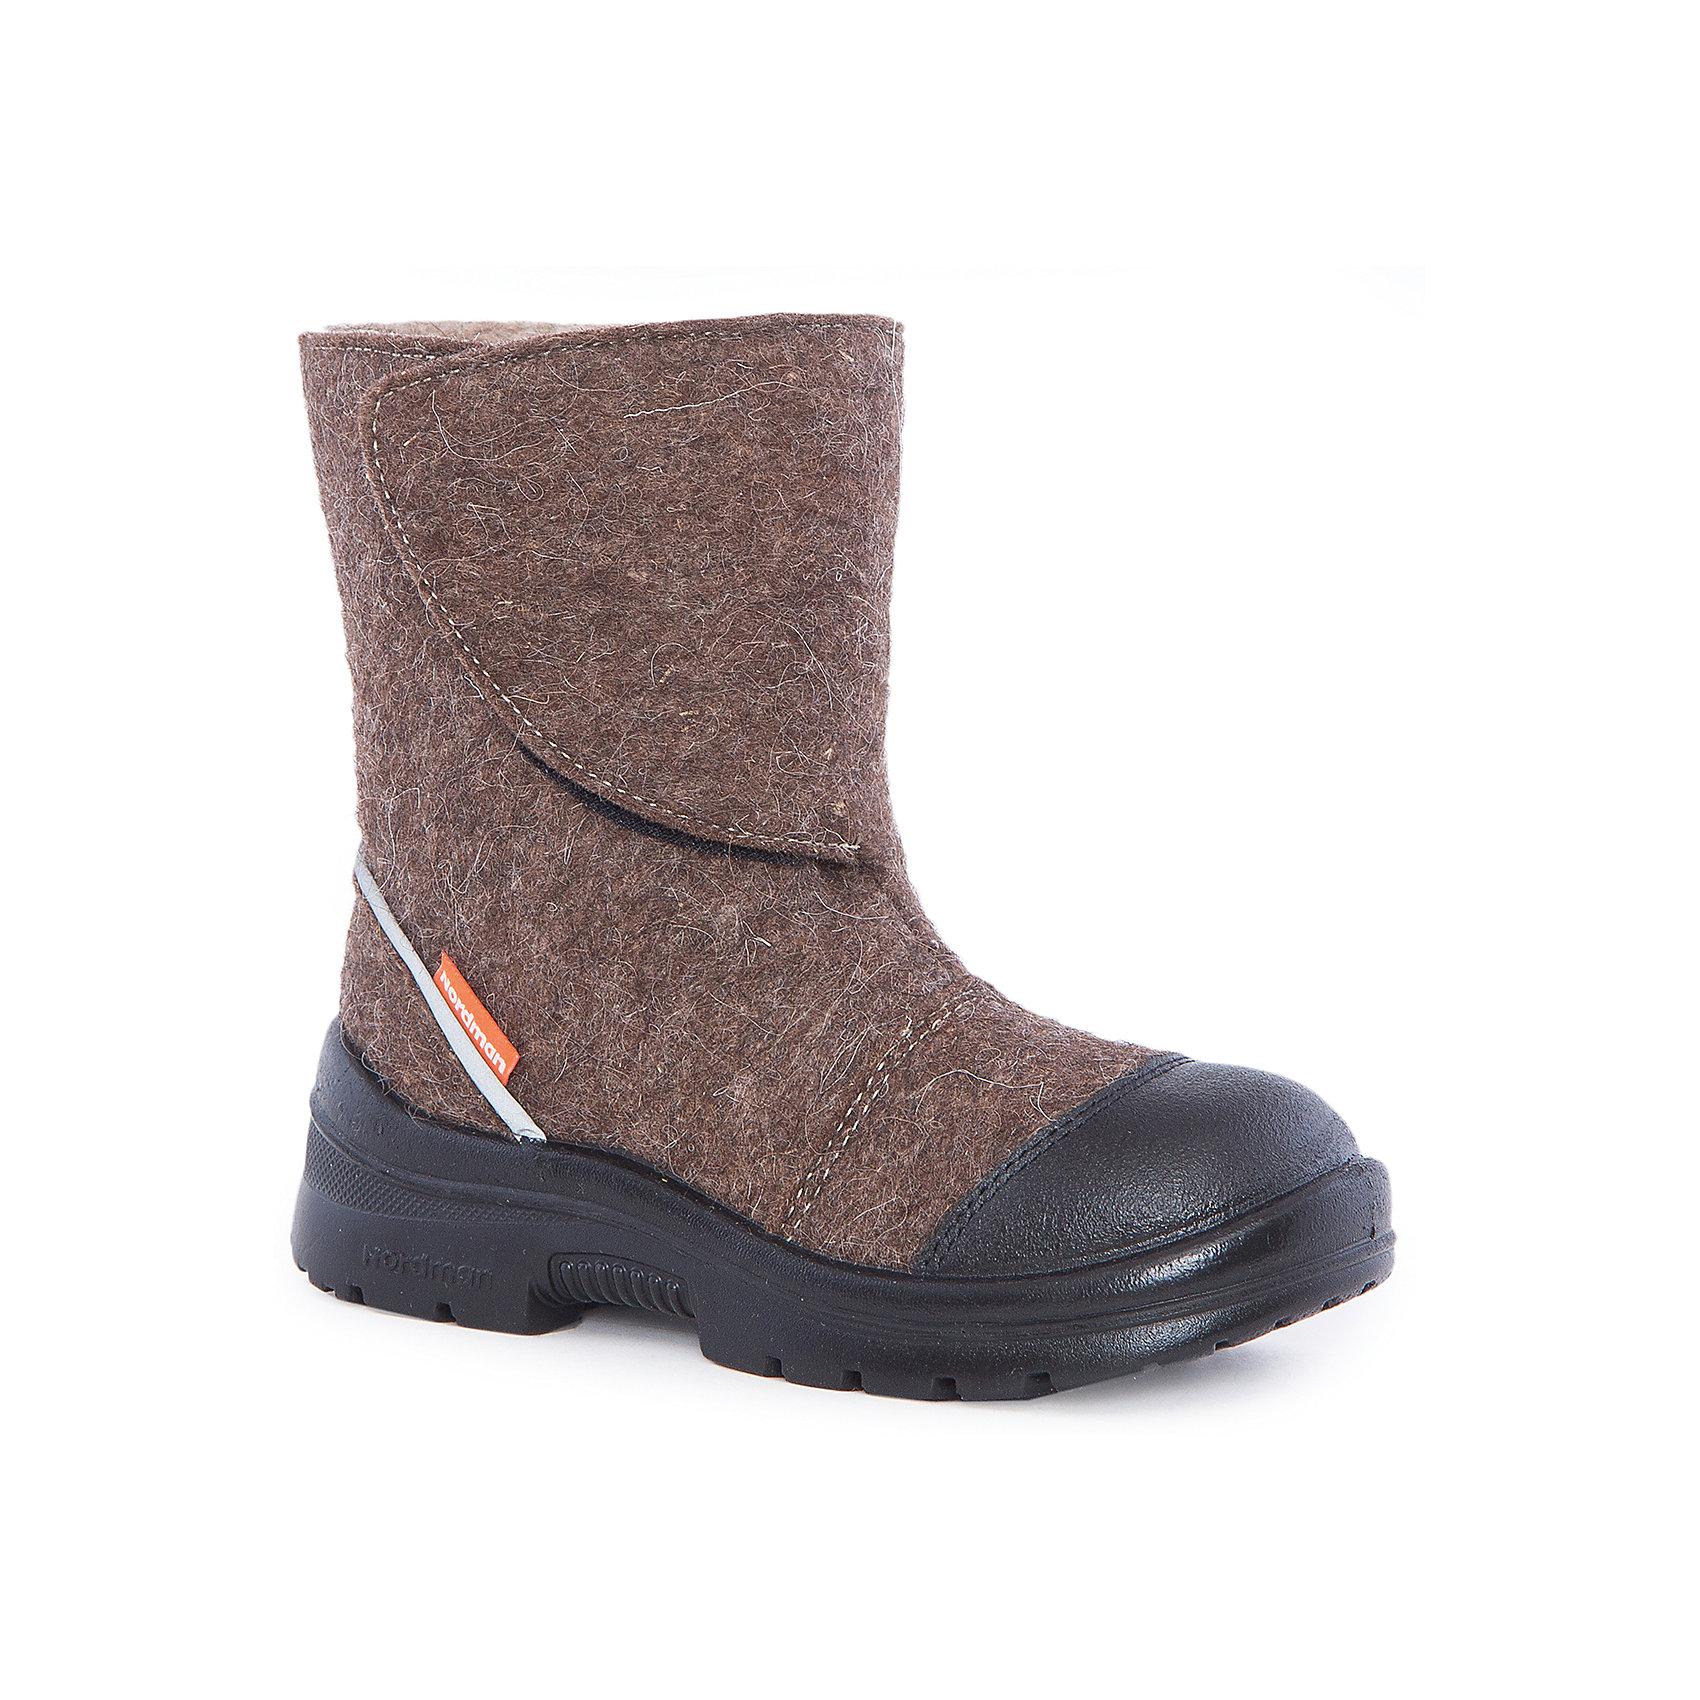 Валенки  NordmanХарактеристики товара:<br><br>• цвет: коричный<br>• материал верха: войлок<br>• материал подкладки: мех<br>• материал подошвы: полиуретан<br>• подошва не скользит<br>• застежка: липучка<br>• температурный режим: от -30° до +5° С<br>• кожаная накладка на носок<br>• защита пятки <br>• толстая устойчивая подошва<br>• низ не промокает<br>• страна бренда: Российская Федерация<br>• страна изготовитель: Российская Федерация<br><br>При выборе зимней обуви для ребенка необходимо убедиться, что она удобная и теплая. Такие симпатичные валенки обеспечат детям комфорт даже в сильный мороз, а непромокающая нижняя часть  оставит ножки в сухости. Валенки легко снимаются и надеваются, хорошо сидят на ноге. Внутри - специальная теплая подкладка, с которой холода не страшны!<br>Обувь от бренда Nordman - это качественные российские товары, произведенные с применением как натуральных, так и высокотехнологичных материалов. Обувь выделяется стильным дизайном и проработанными деталями. Полностью адаптирована под российскую погоду! Изделие производится из качественных и проверенных материалов, которые безопасны для детей.<br><br>Валенки от бренда Nordman можно купить в нашем интернет-магазине.<br><br>Ширина мм: 257<br>Глубина мм: 180<br>Высота мм: 130<br>Вес г: 420<br>Цвет: коричневый<br>Возраст от месяцев: 132<br>Возраст до месяцев: 144<br>Пол: Унисекс<br>Возраст: Детский<br>Размер: 35,32,33,34<br>SKU: 5219743